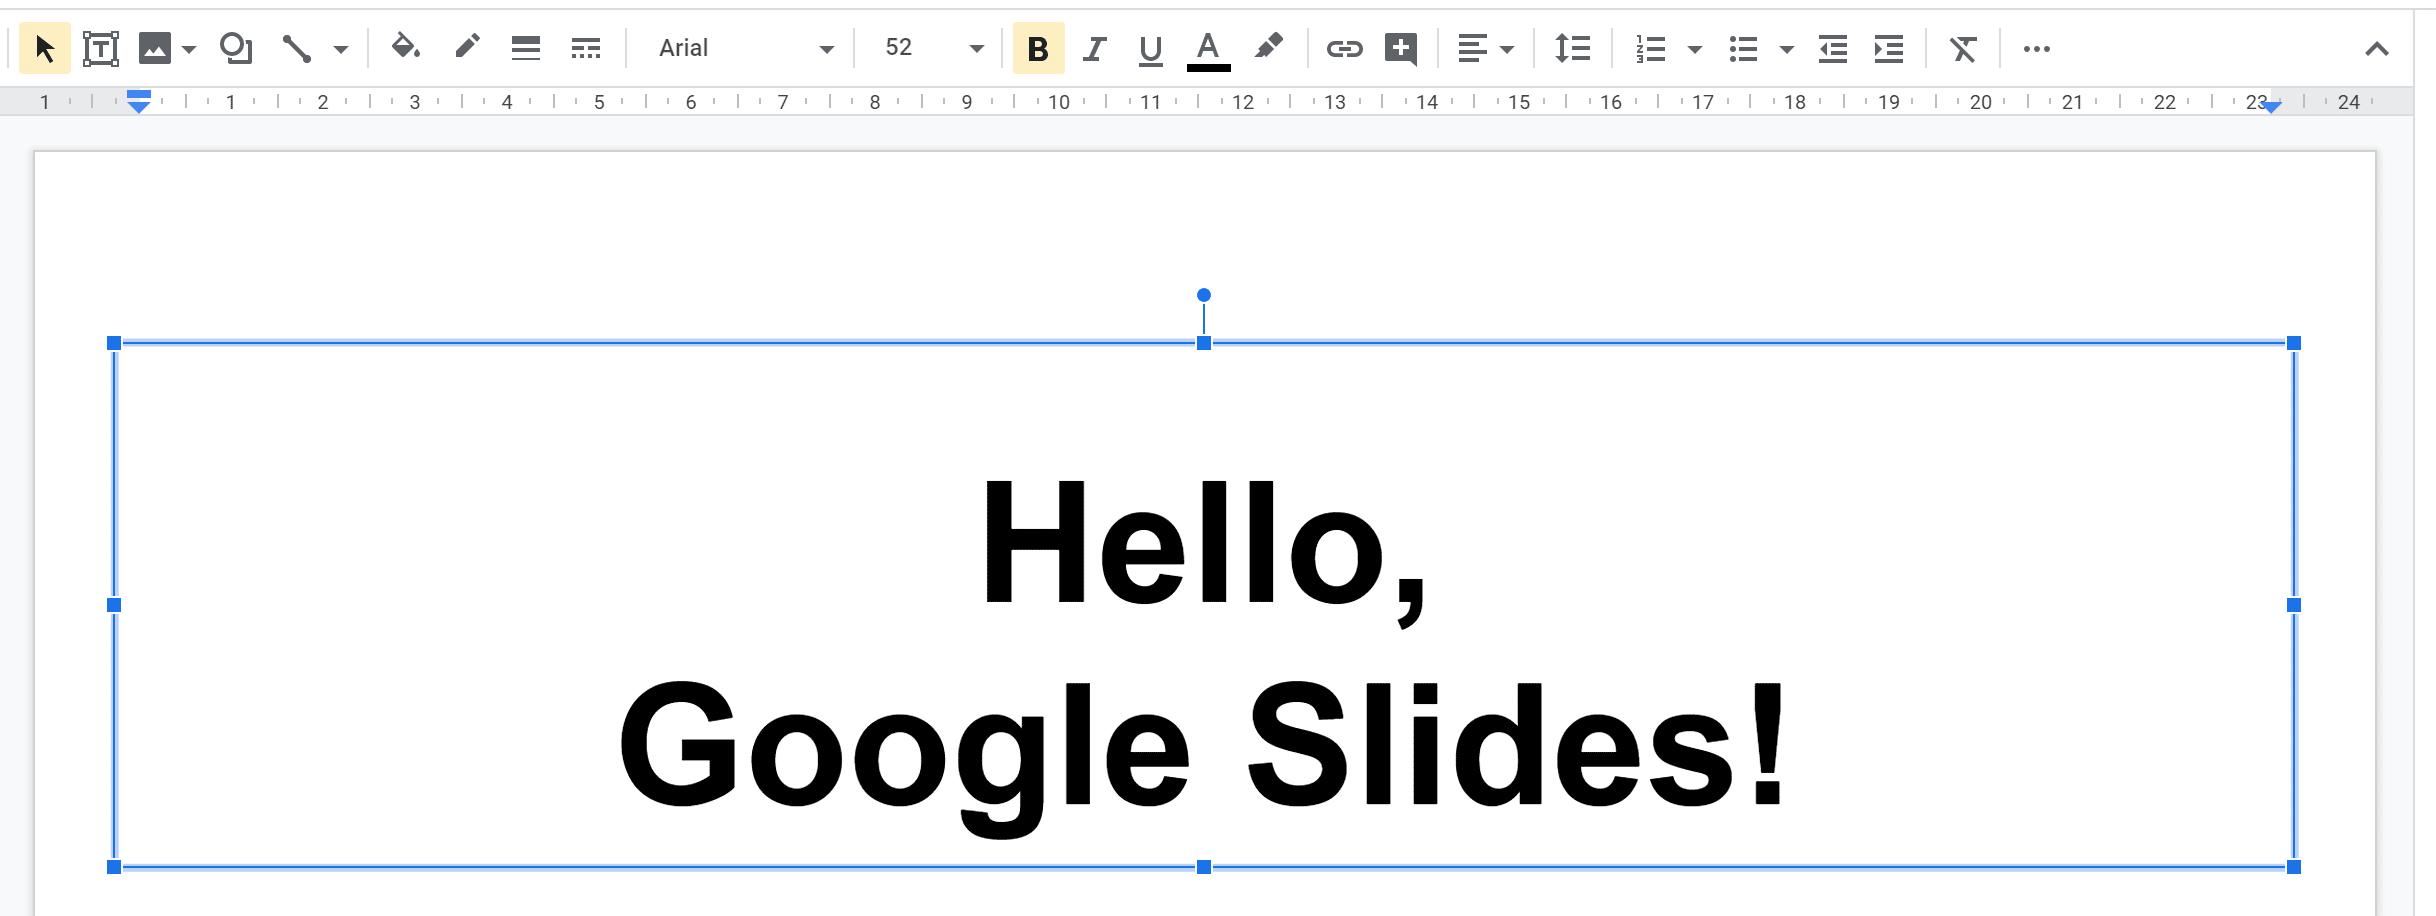 Google Slides New Slide Text